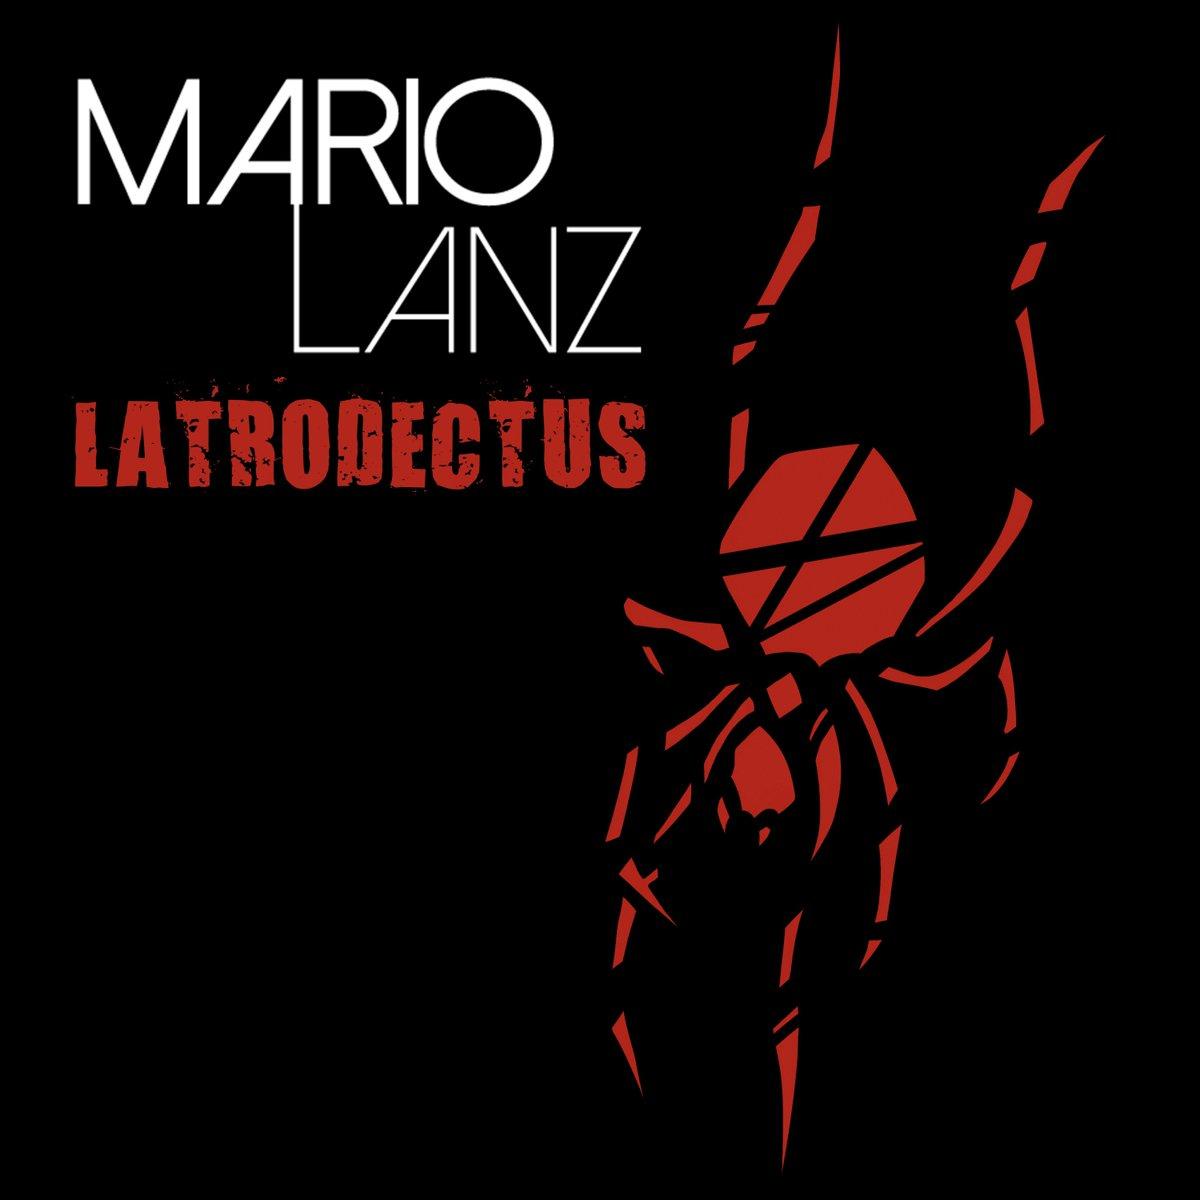 LATRODECTUS NEW SINGLE !!!!  https:// open.spotify.com/album/5pkLfR3r BmtpySjJIYgpRB?si=VAUzWez6Q-6ezsmaC-RW1g &nbsp; …  #Latrodectus #NewSingle #ElectroPop #NewBrand #MarioLanz  #Music #Musique #Musica #Love #Amour #Amor #Death #Mort #Muerte #Life #Vie #Vida #SongWriter #Parolier #Singer #Chanteur #Cantante #Producer #Mexico #CDMX #France #Amiens<br>http://pic.twitter.com/GpjX3GkO7Y